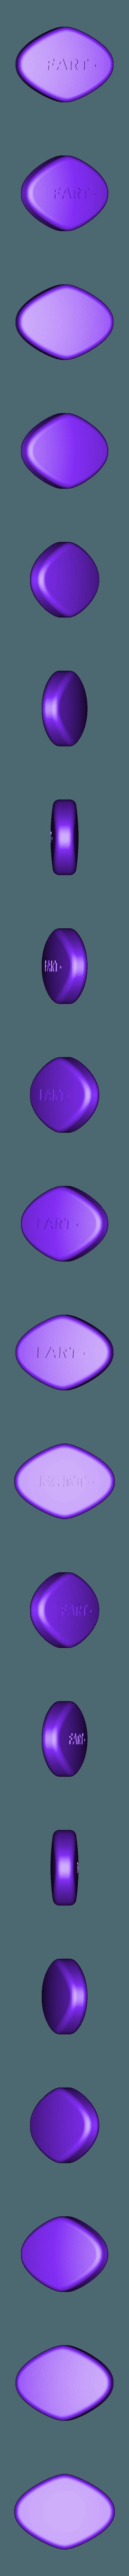 Big_Blue_Pill_-_FART_Less.stl Télécharger fichier STL gratuit La grande pilule bleue v2 • Objet imprimable en 3D, michelj